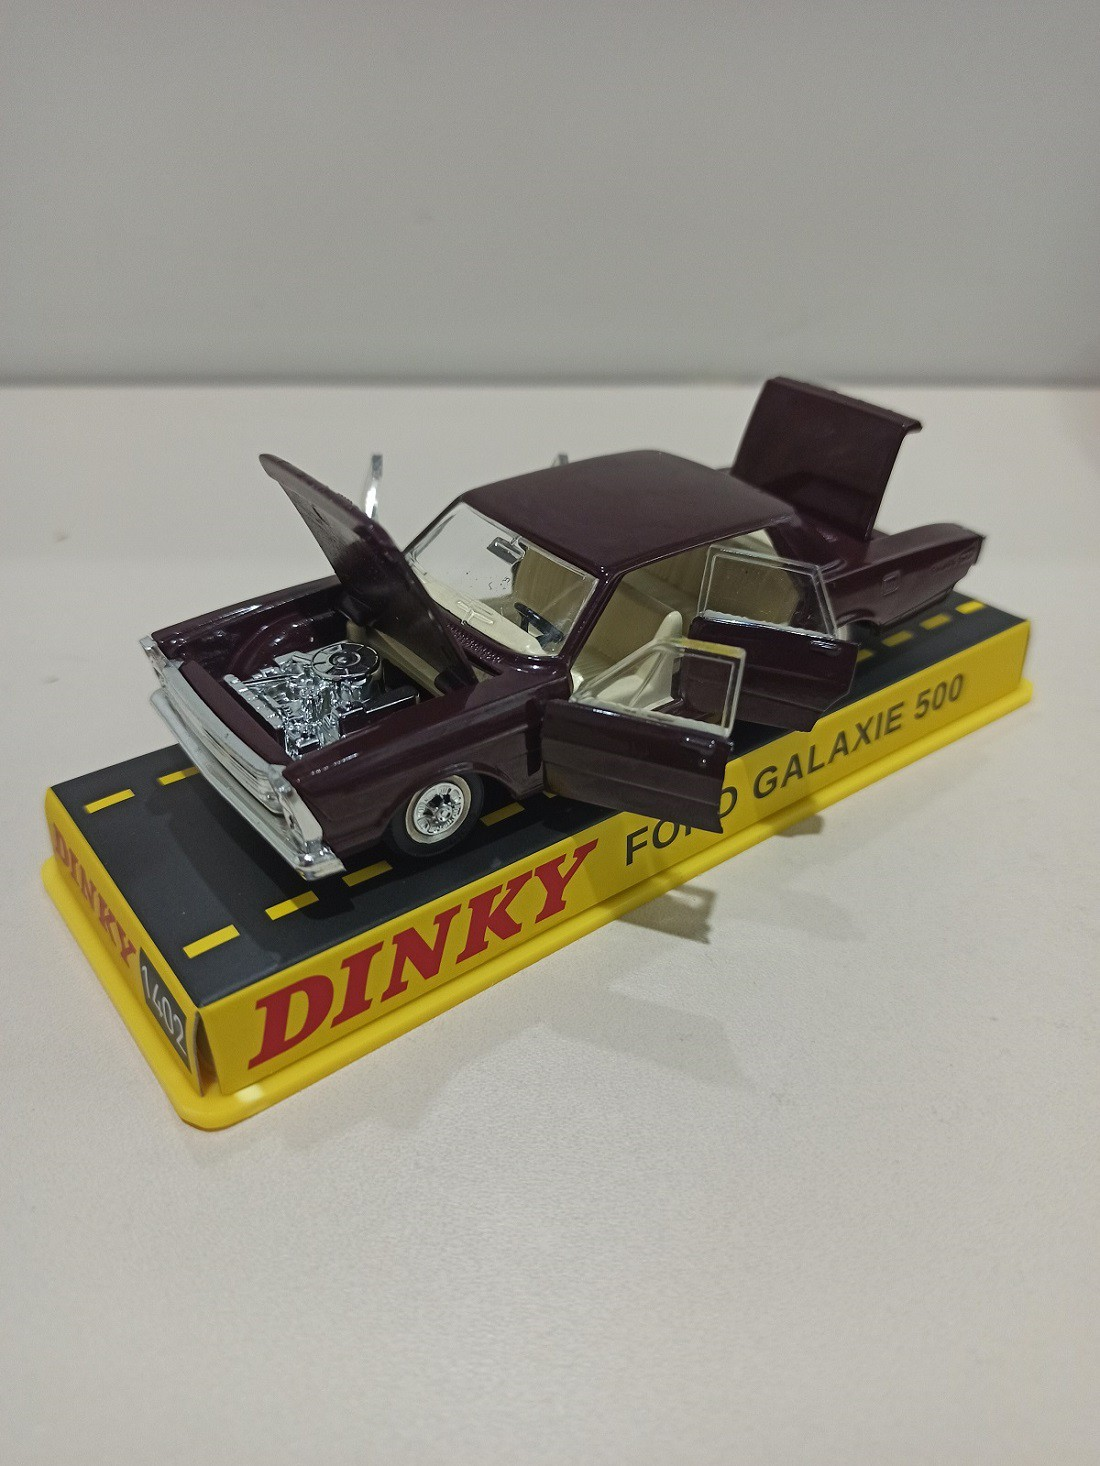 Miniatura Ford Galaxie 500 1/43 Dinky Toys com defeito